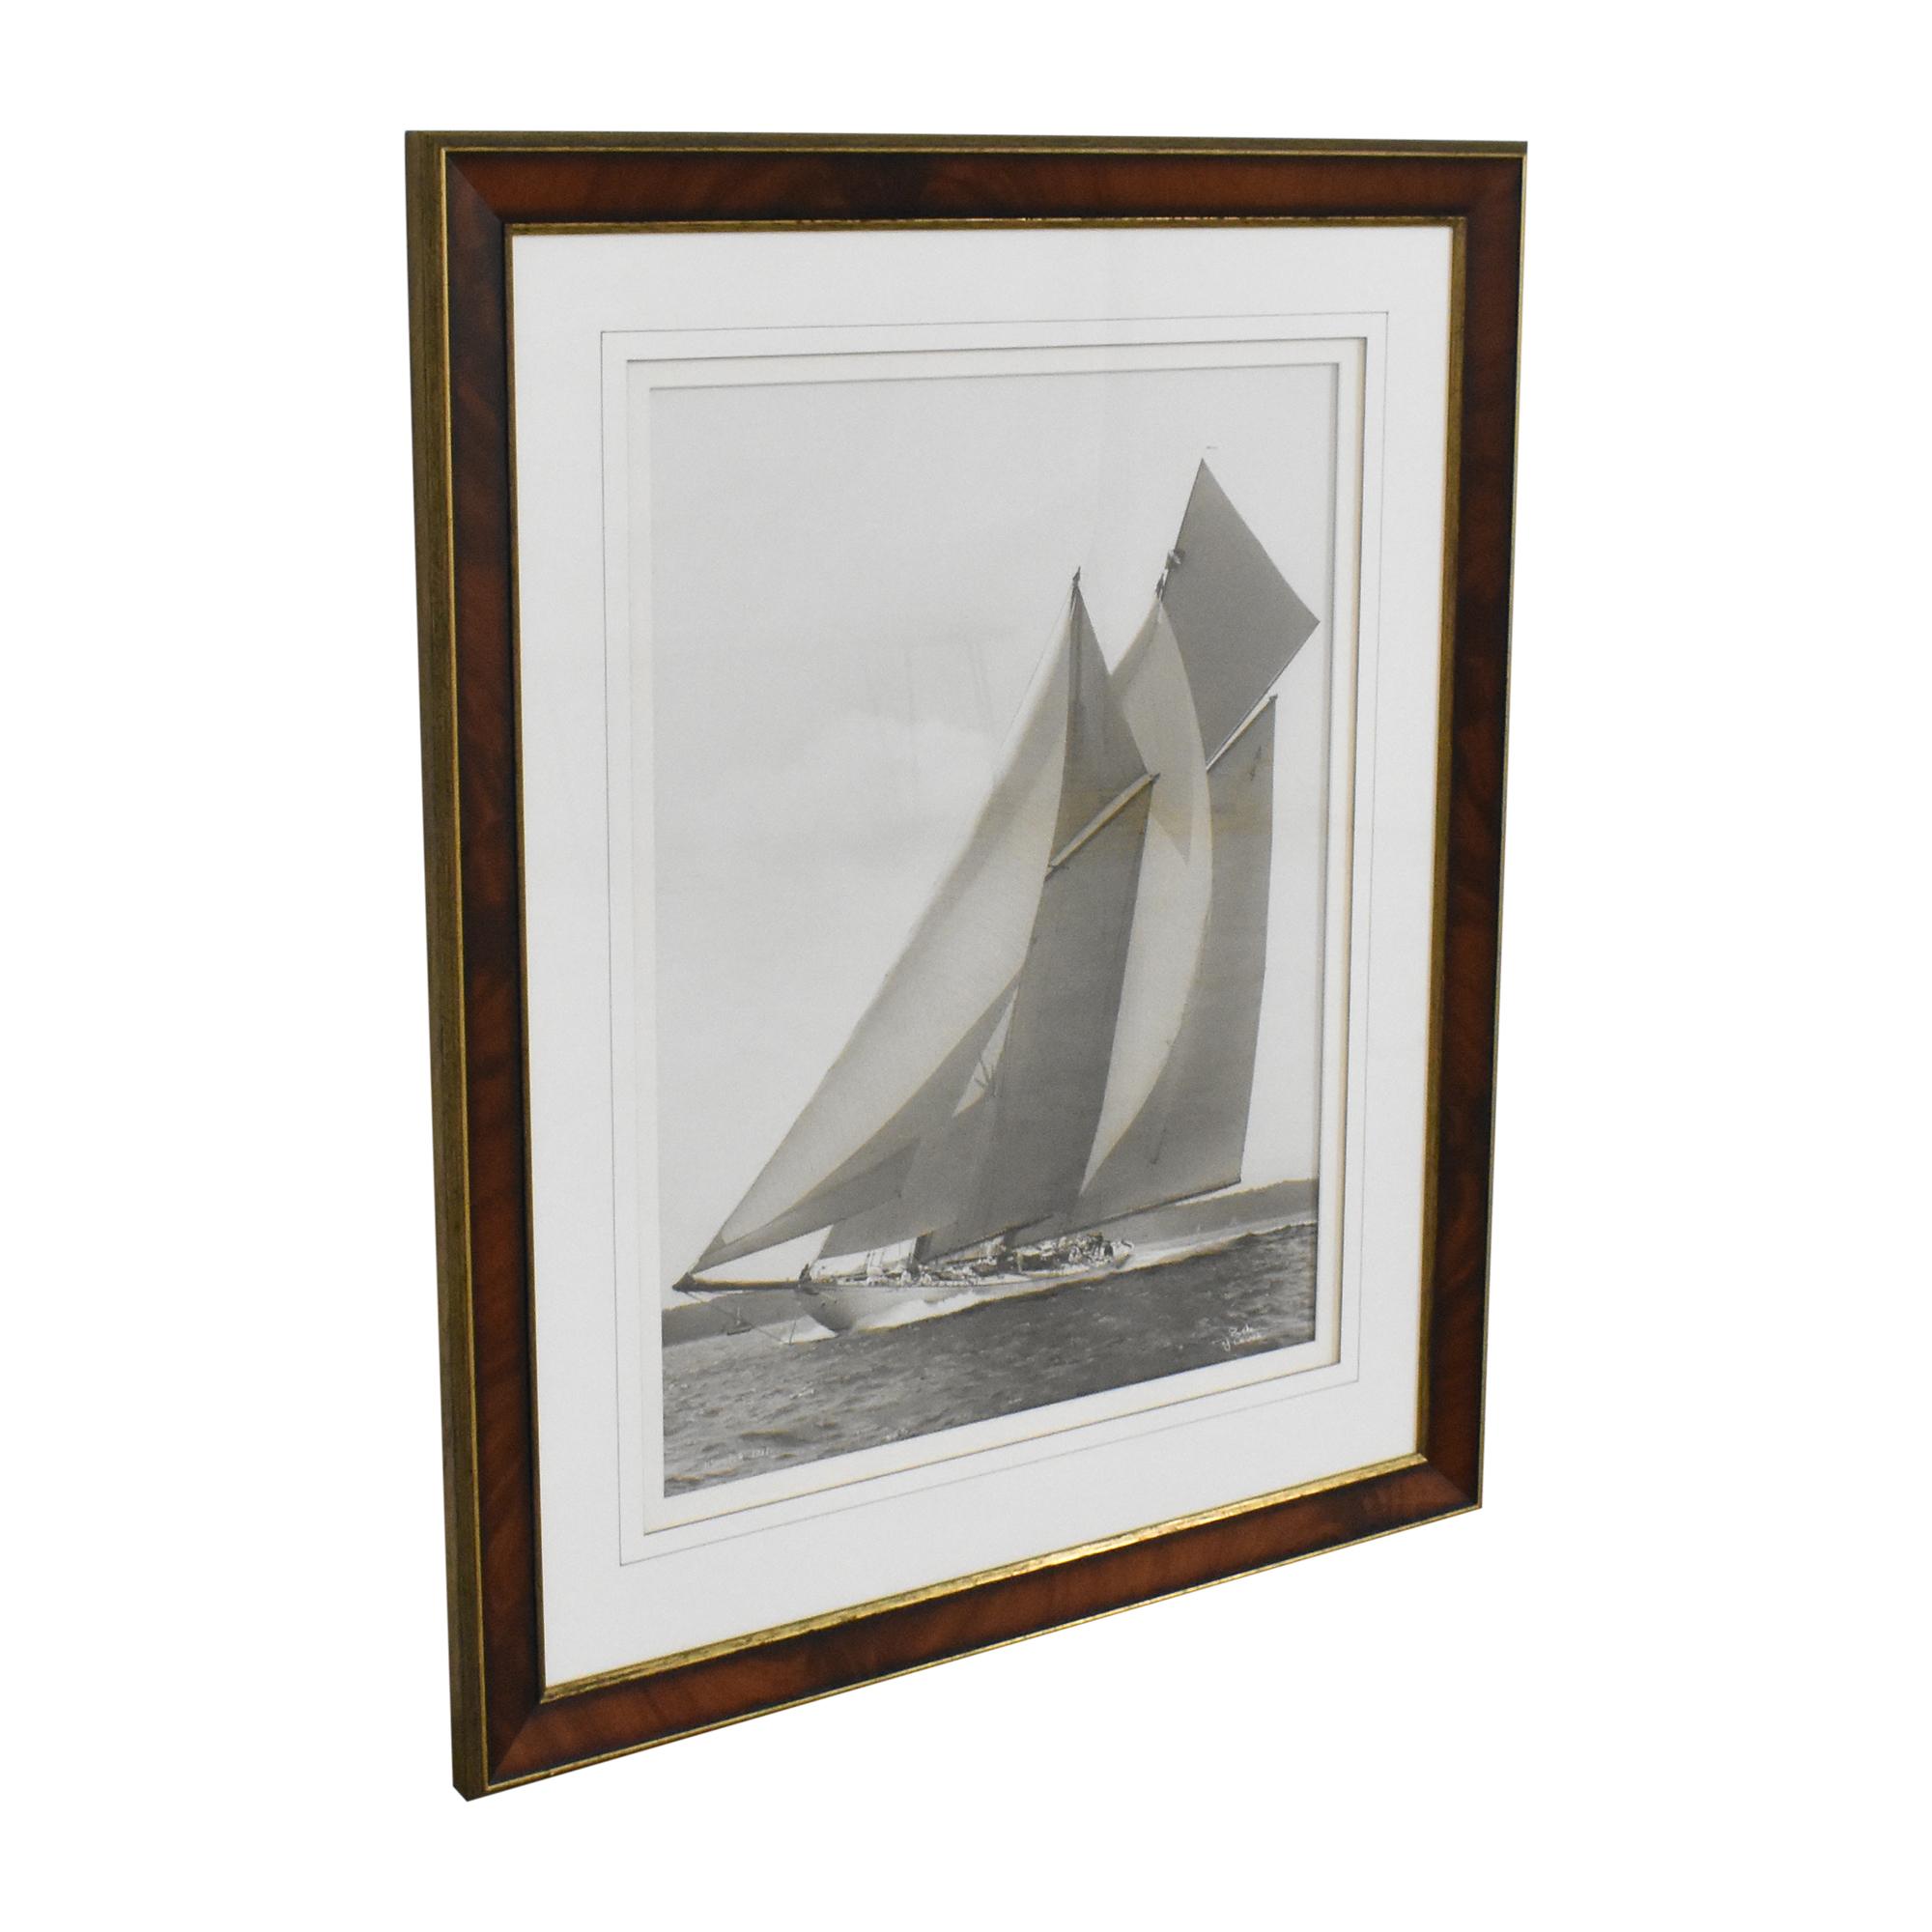 Ethan Allen  Ethan Allen Framed Wall Art pa